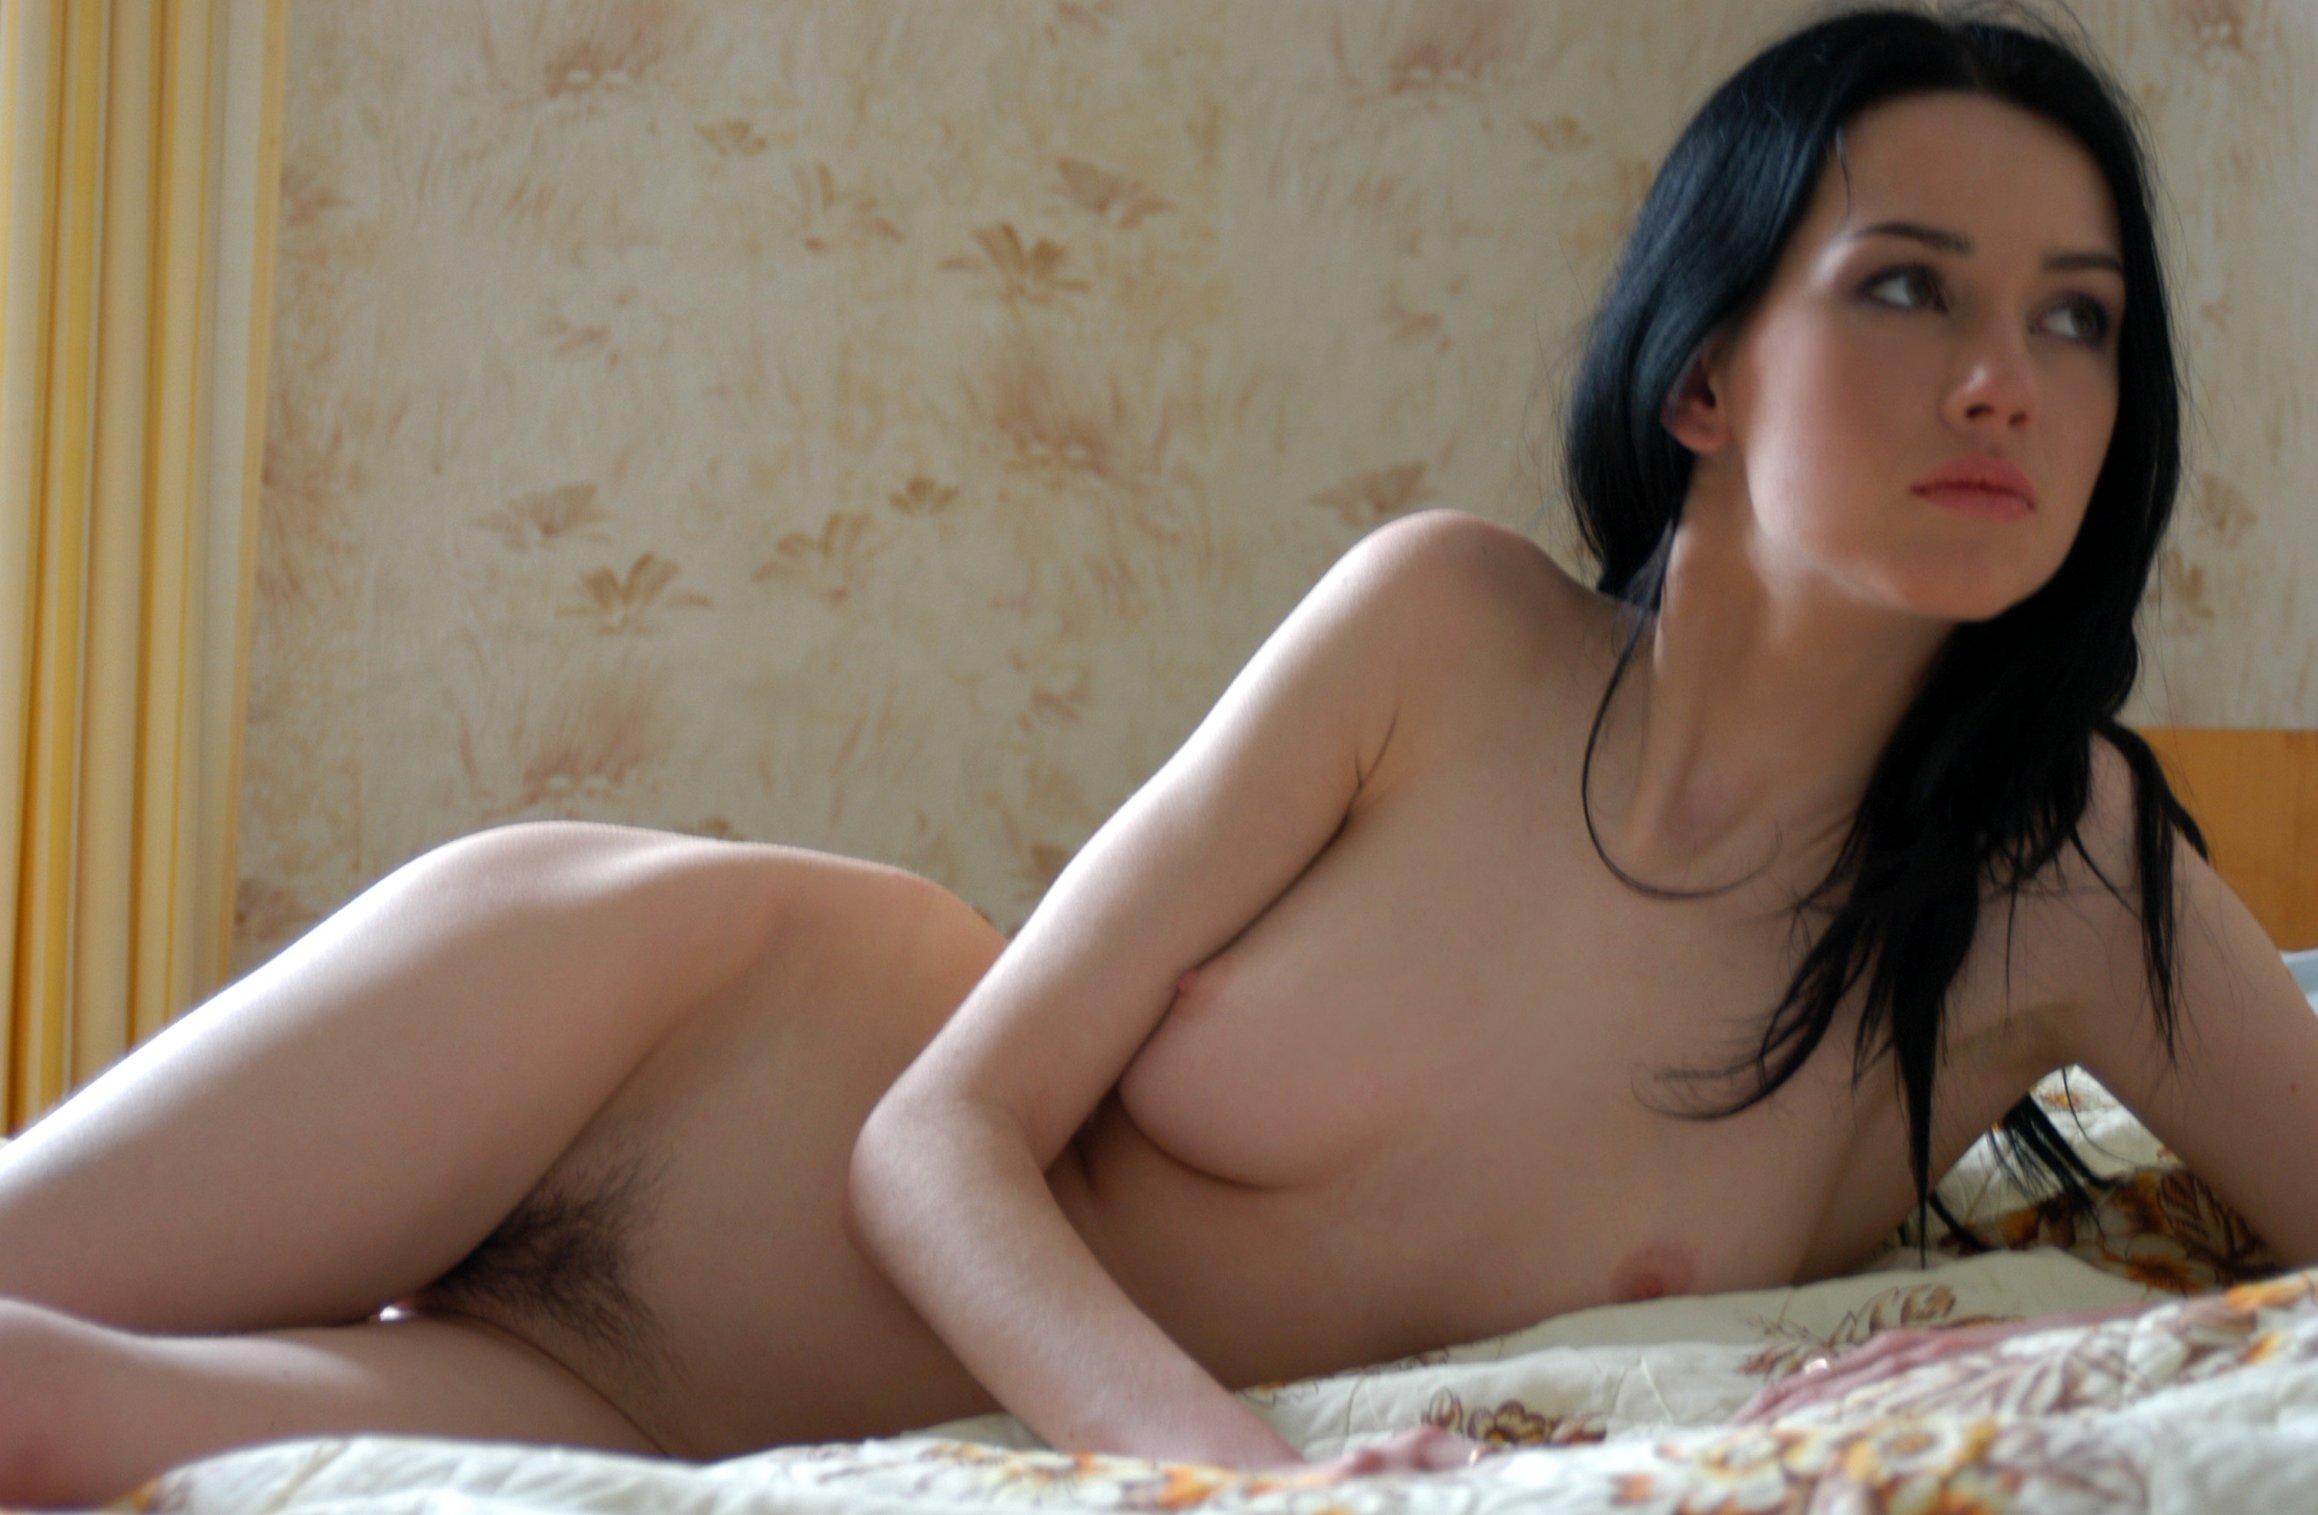 некоторых самые красивые девушки кыргызстана эротика результате троганий